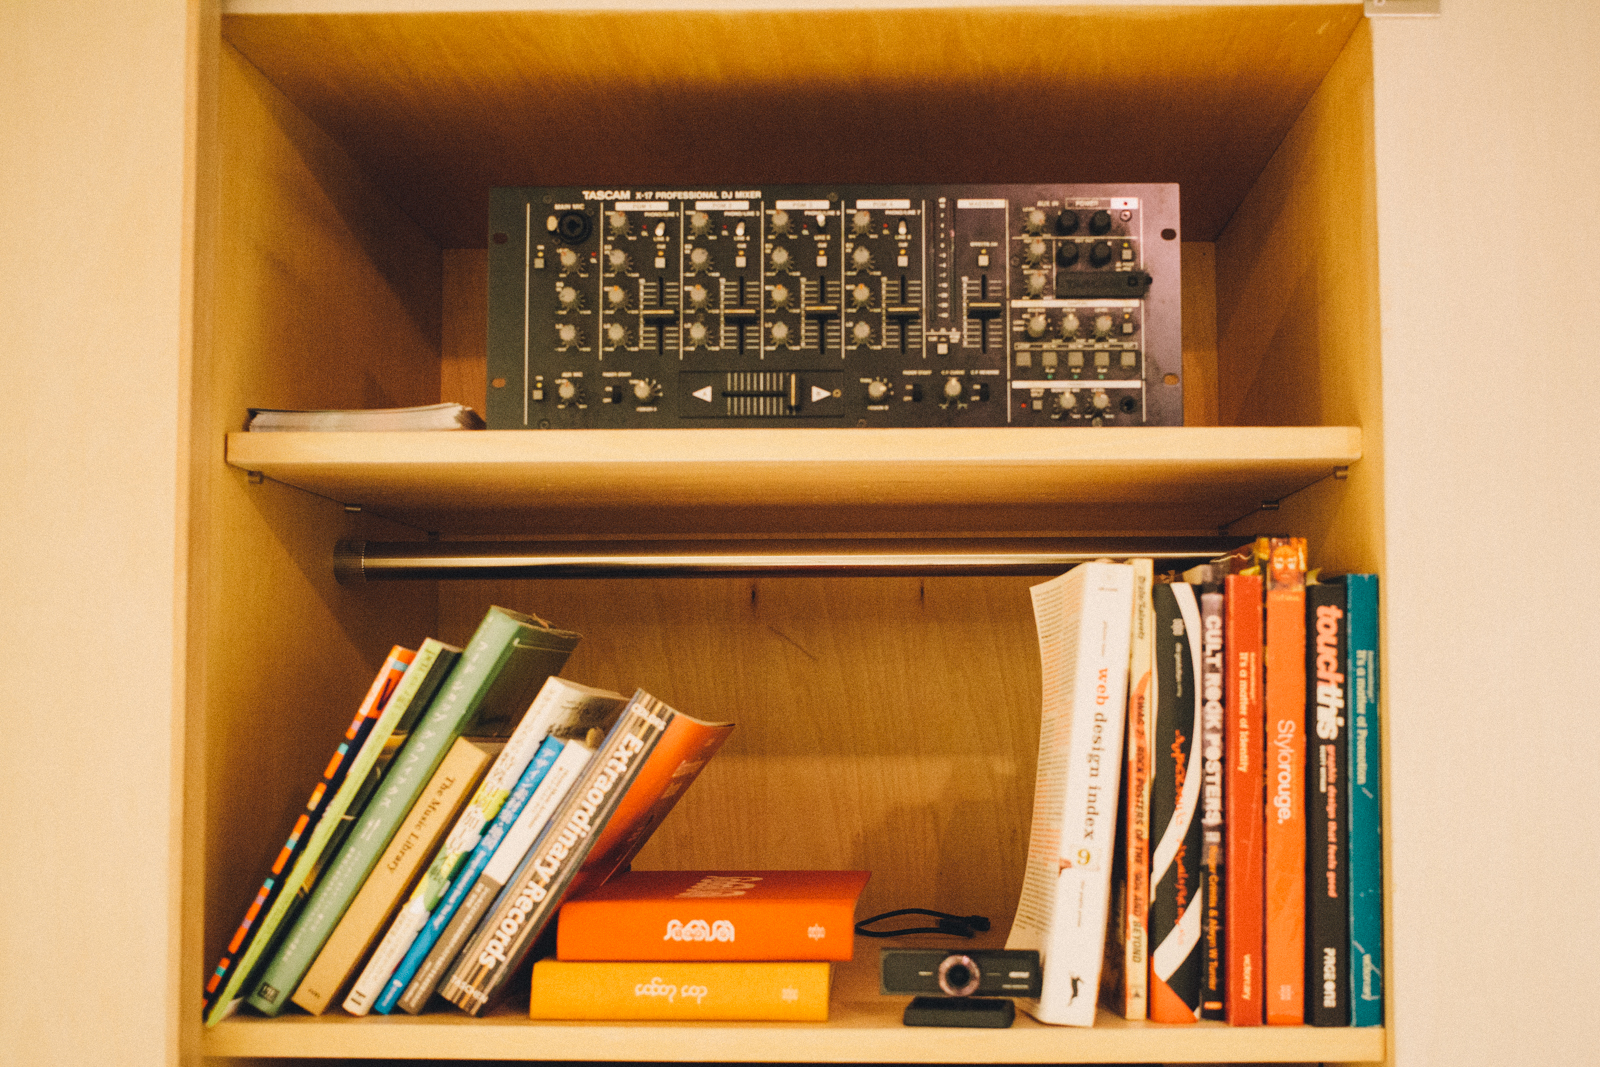 代々木上原 QRATES レコード制作や音楽メディアを手がける TDMS inc. オフィス